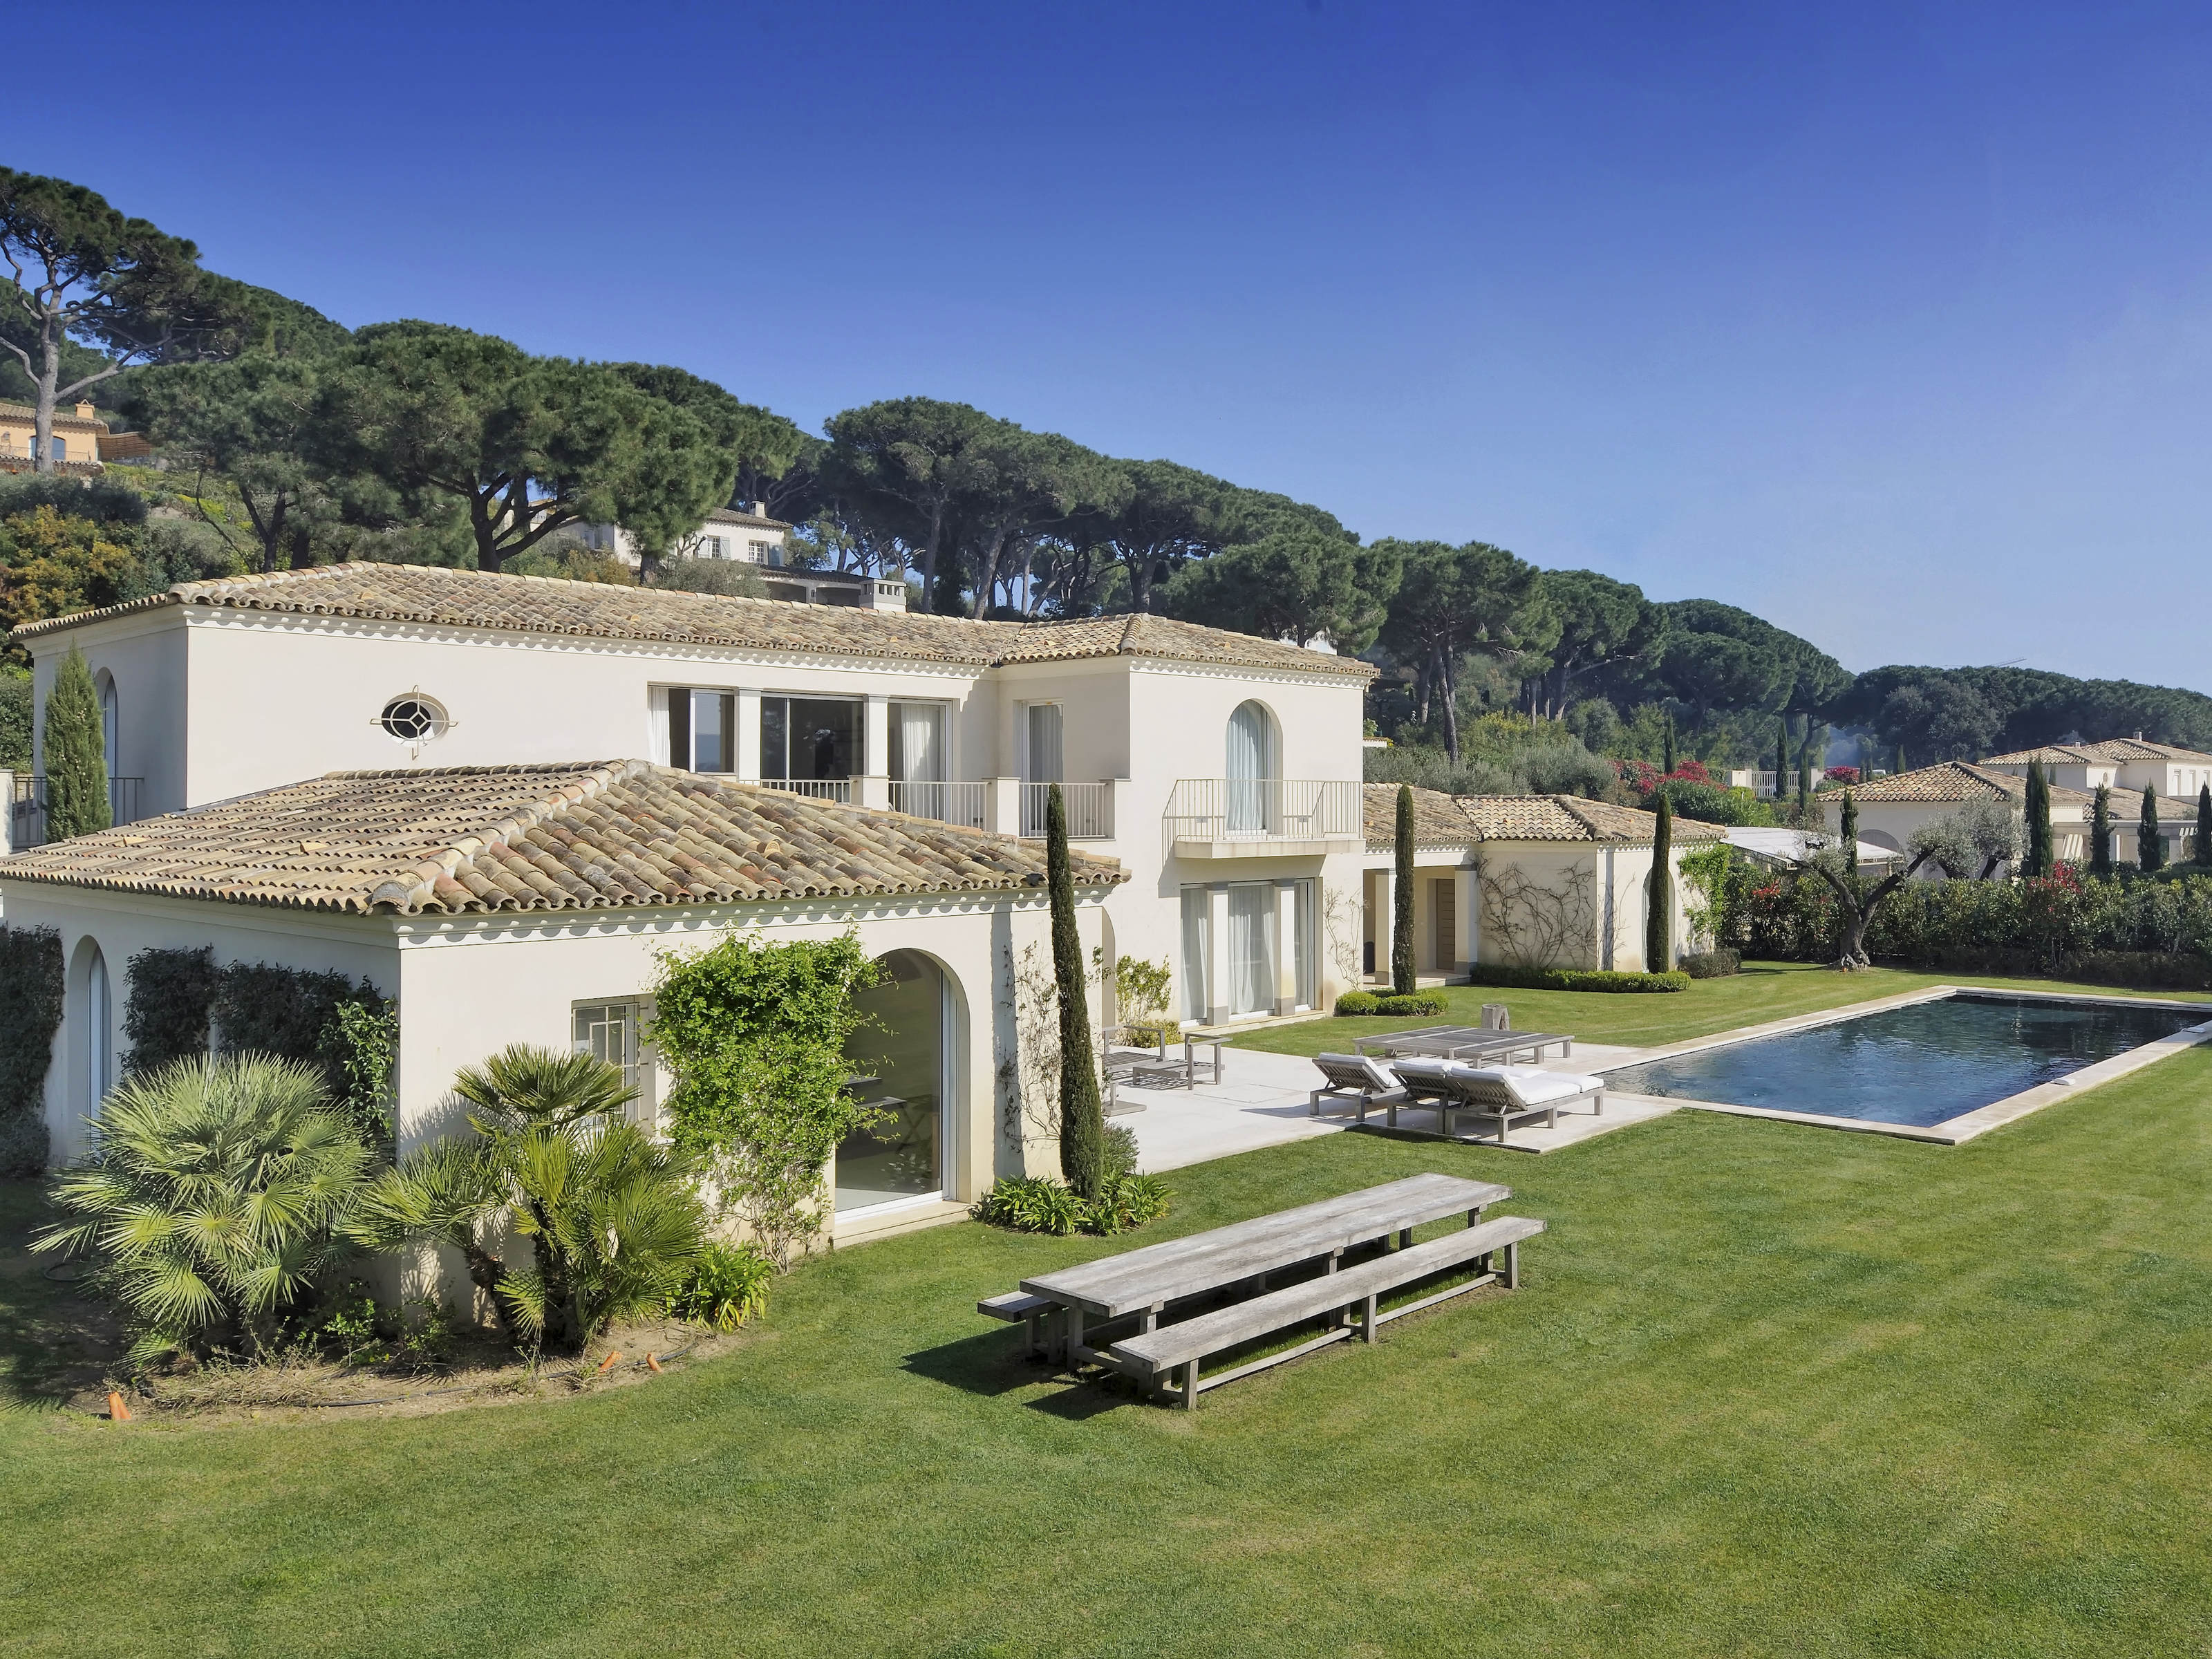 Villa per Vendita alle ore Charming modern villa in Saint-Tropez Saint Tropez, Provenza-Alpi-Costa Azzurra 83990 Francia